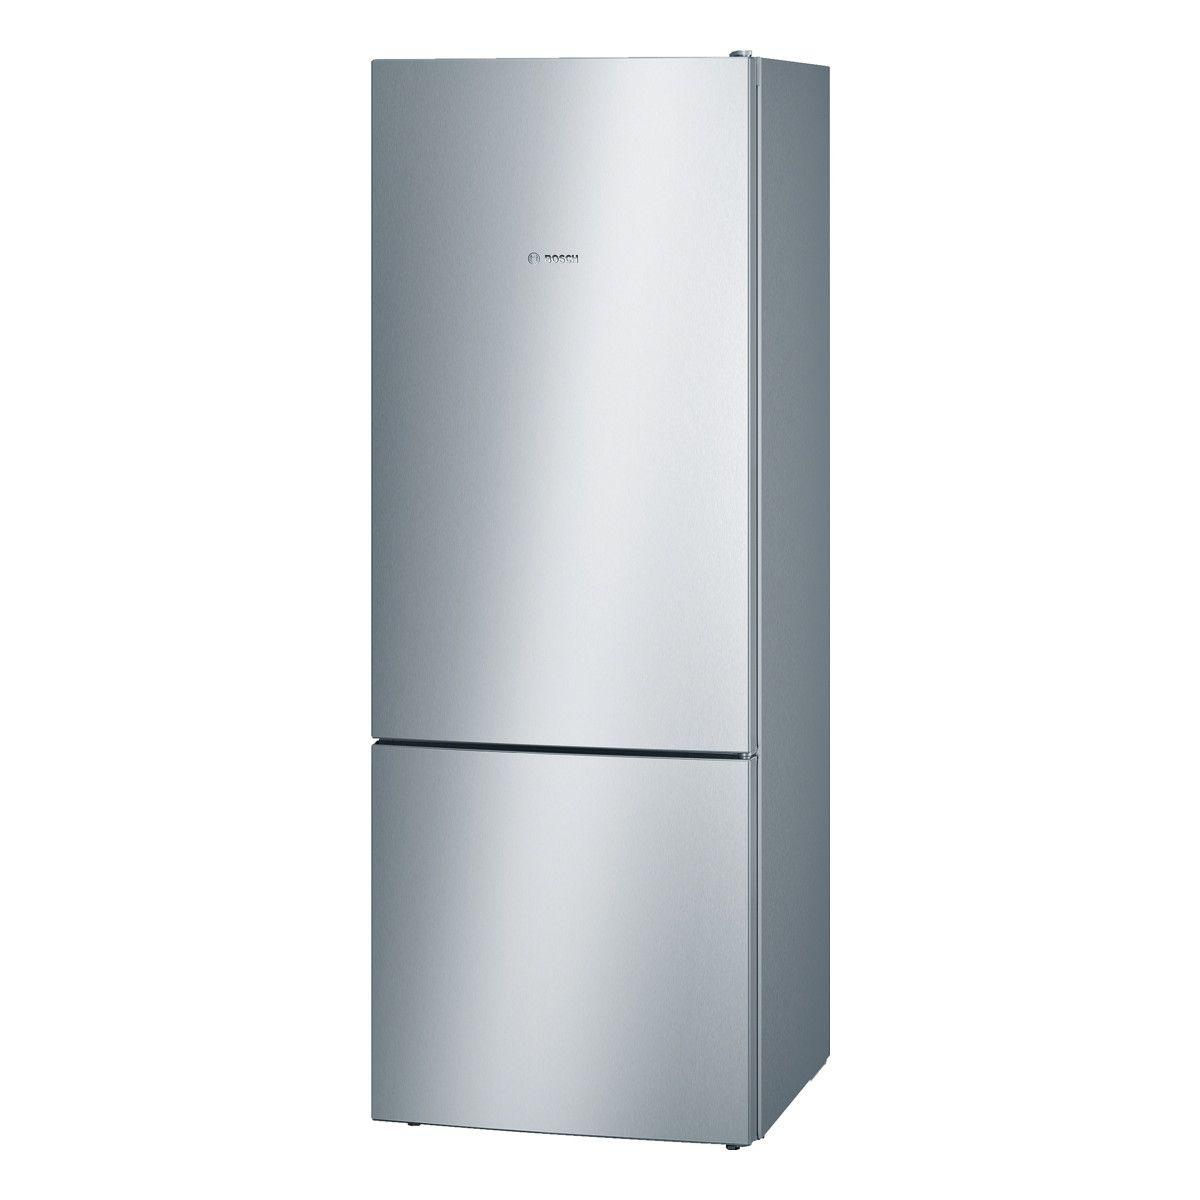 Réfrigérateur combiné KGV58VL31S, 500 L, Froid Low FrosT